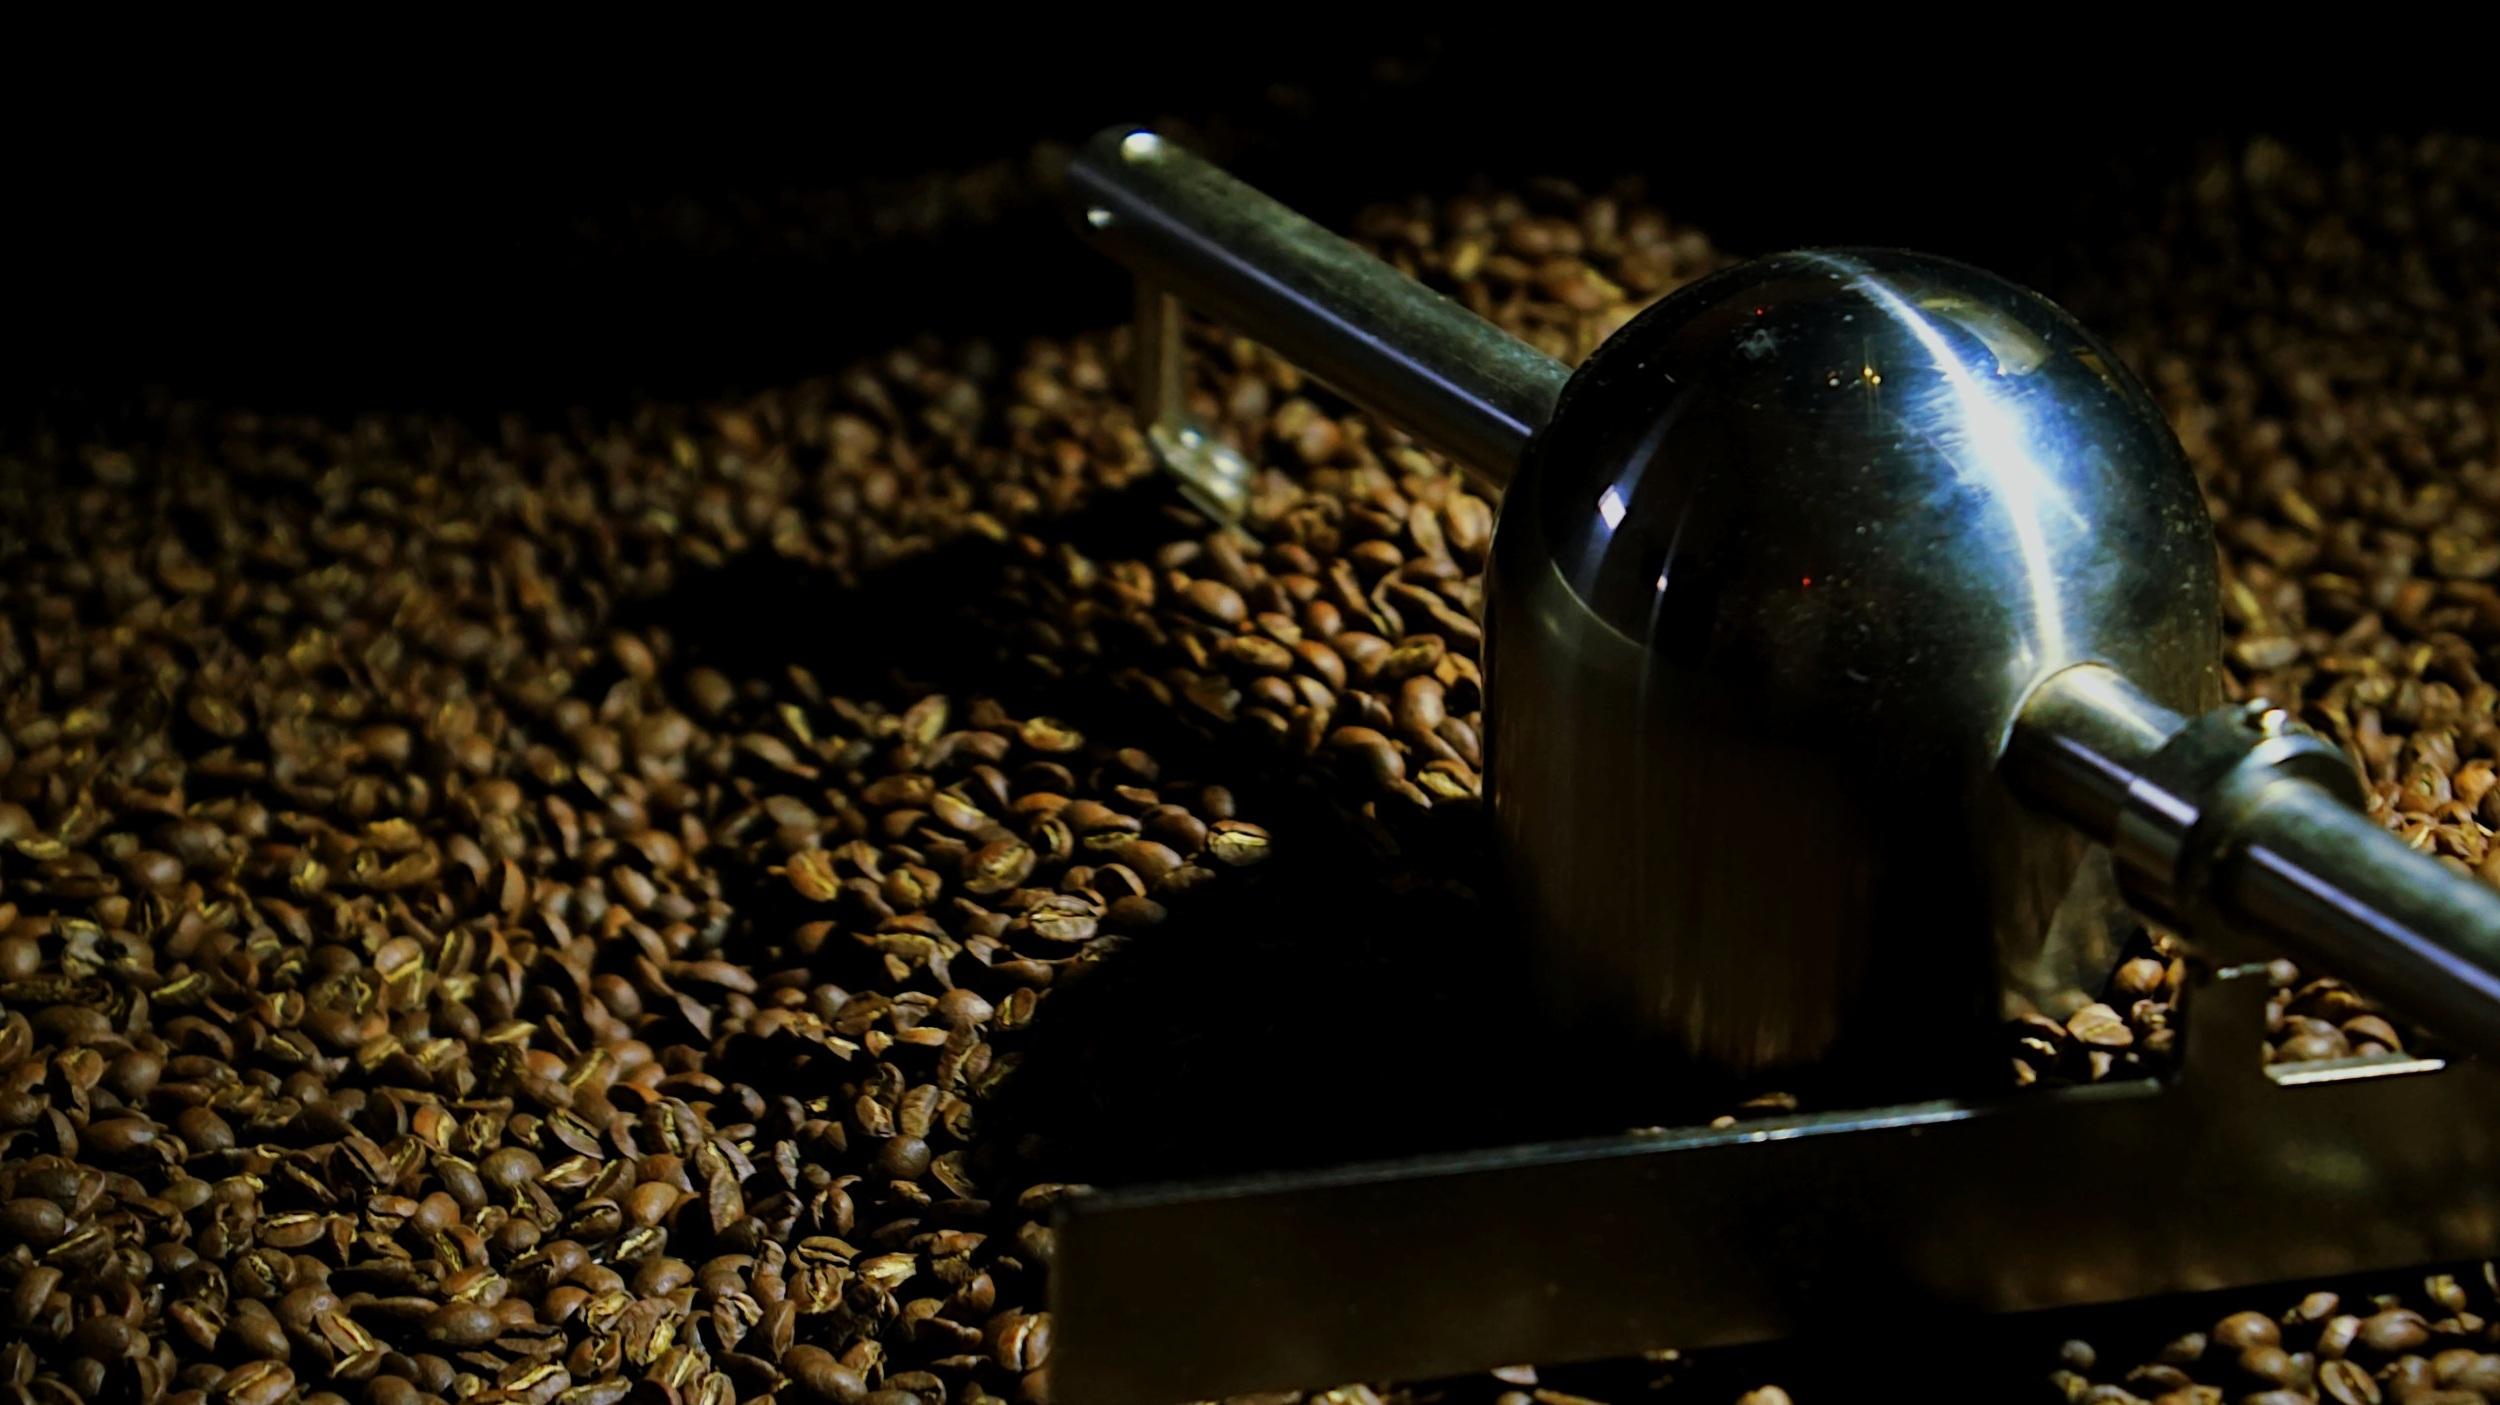 Torréfaction. - Nous torréfions nos cafés en suivant les meilleurs standards et pratiques de la torréfaction de café de spécialité. Nos cafés sont torréfiés en fonction de leur composition, terroir, traitement et des variétés afin de révéler les identités aromatiques qui leur sont propres. Nos cafés sont ensuite soumis à un suivi qualité strict afin de vous garantir un résultat en tasse toujours parfait. Nous torréfions nos cafés chaque semaine afin de vous garantir une fraîcheur maximale.